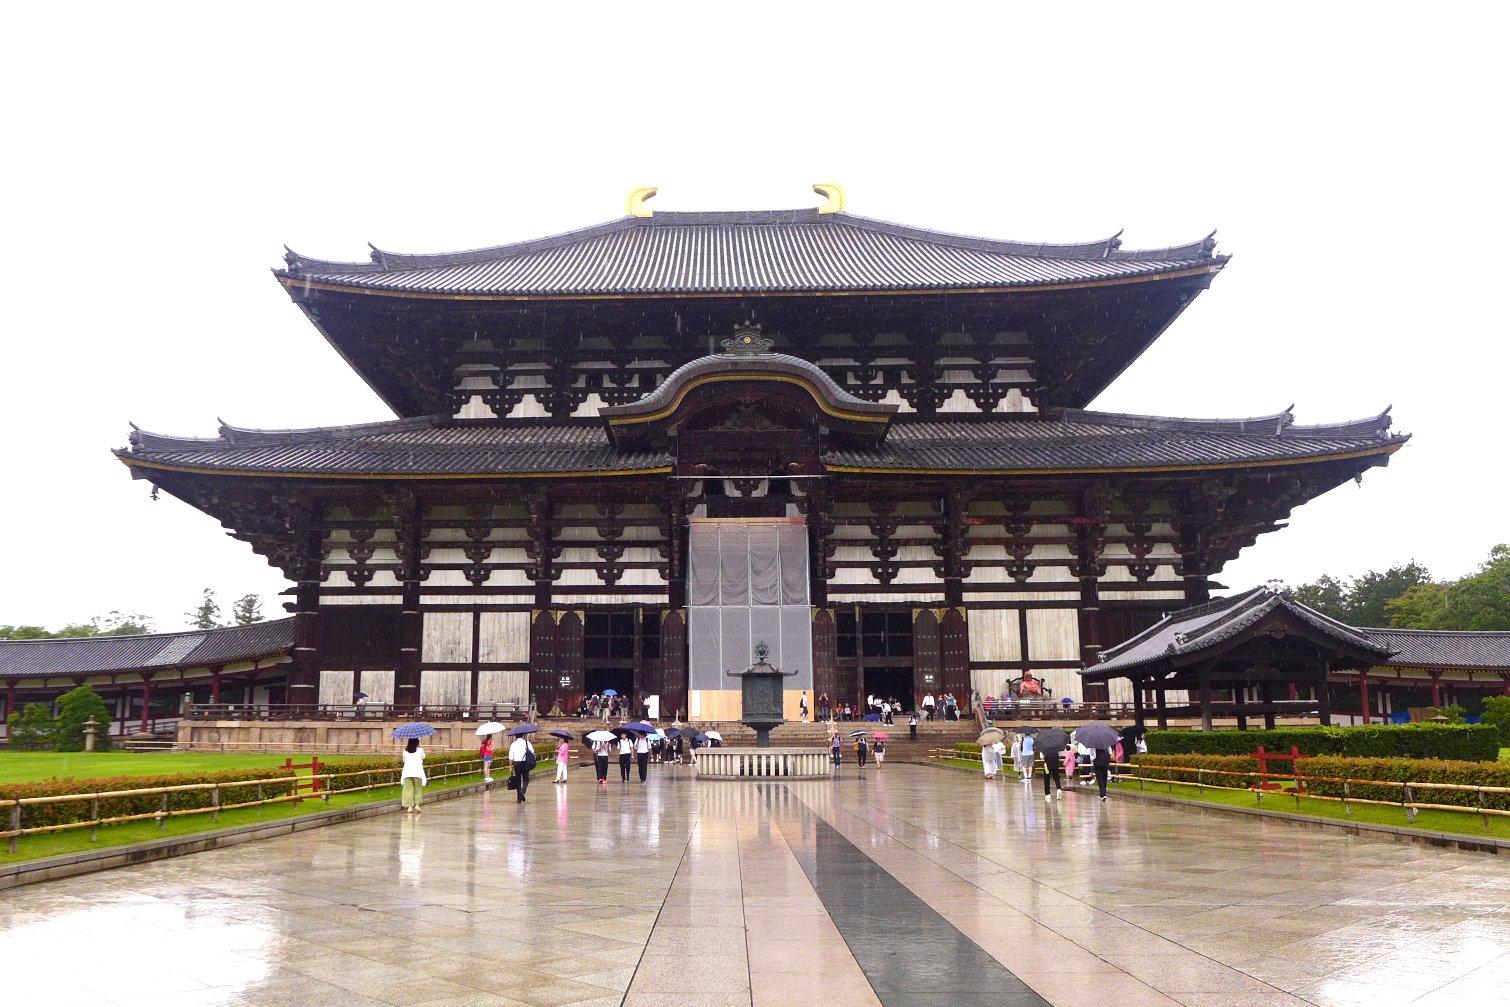 Nara Japan travel; What to do in Nara Japan; What to see in Nara Japan; D.I.Y. Japan itinerary